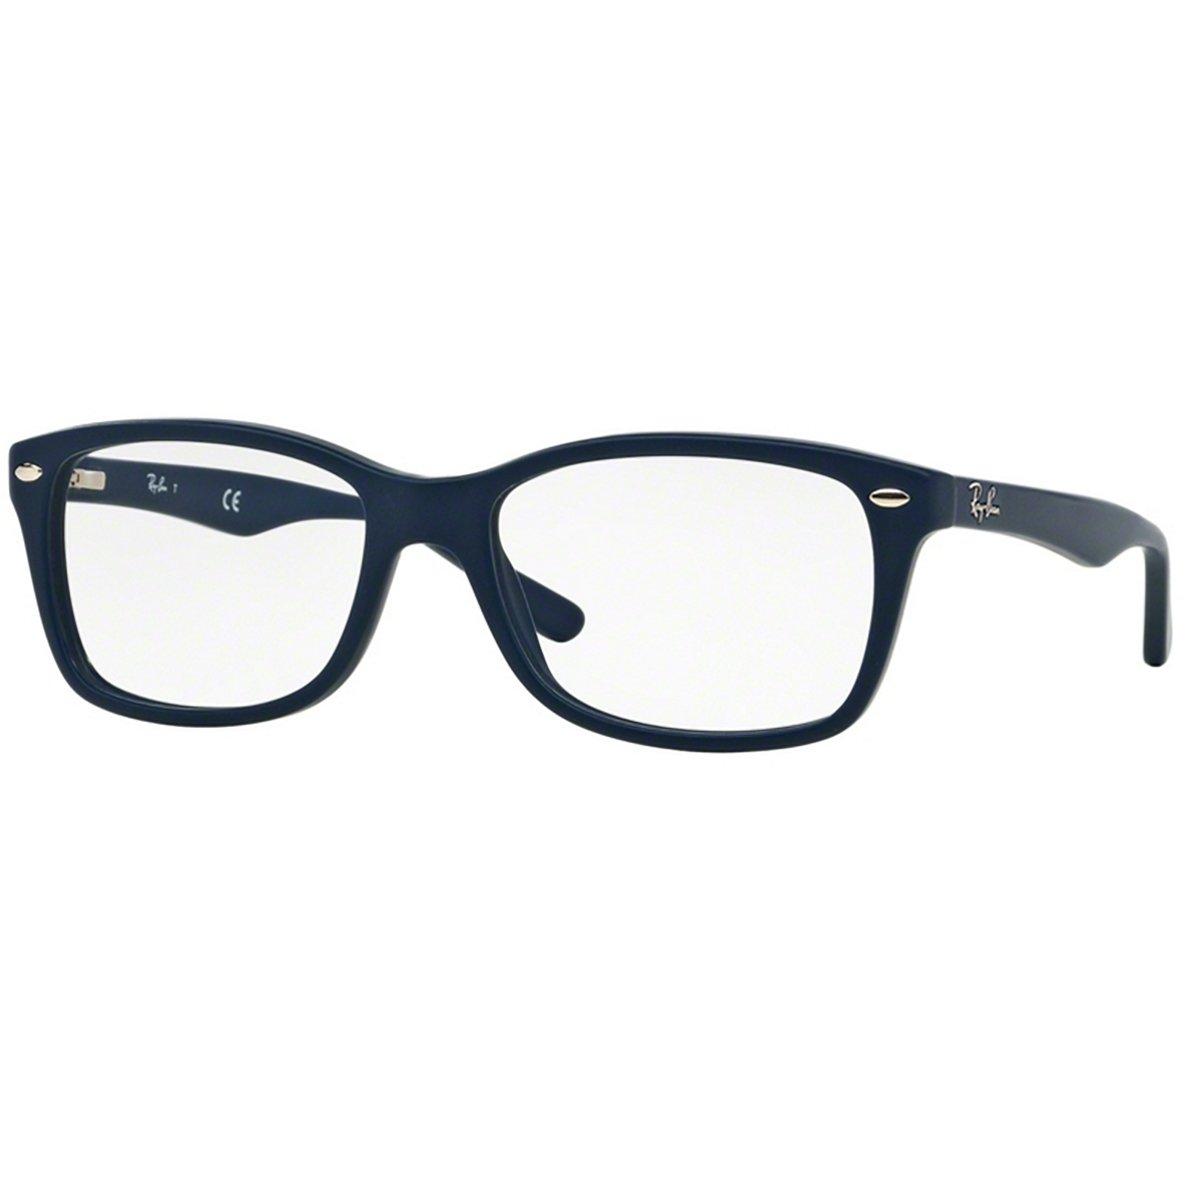 e048663bee5b6 Óculos de Grau Ray Ban RB5228